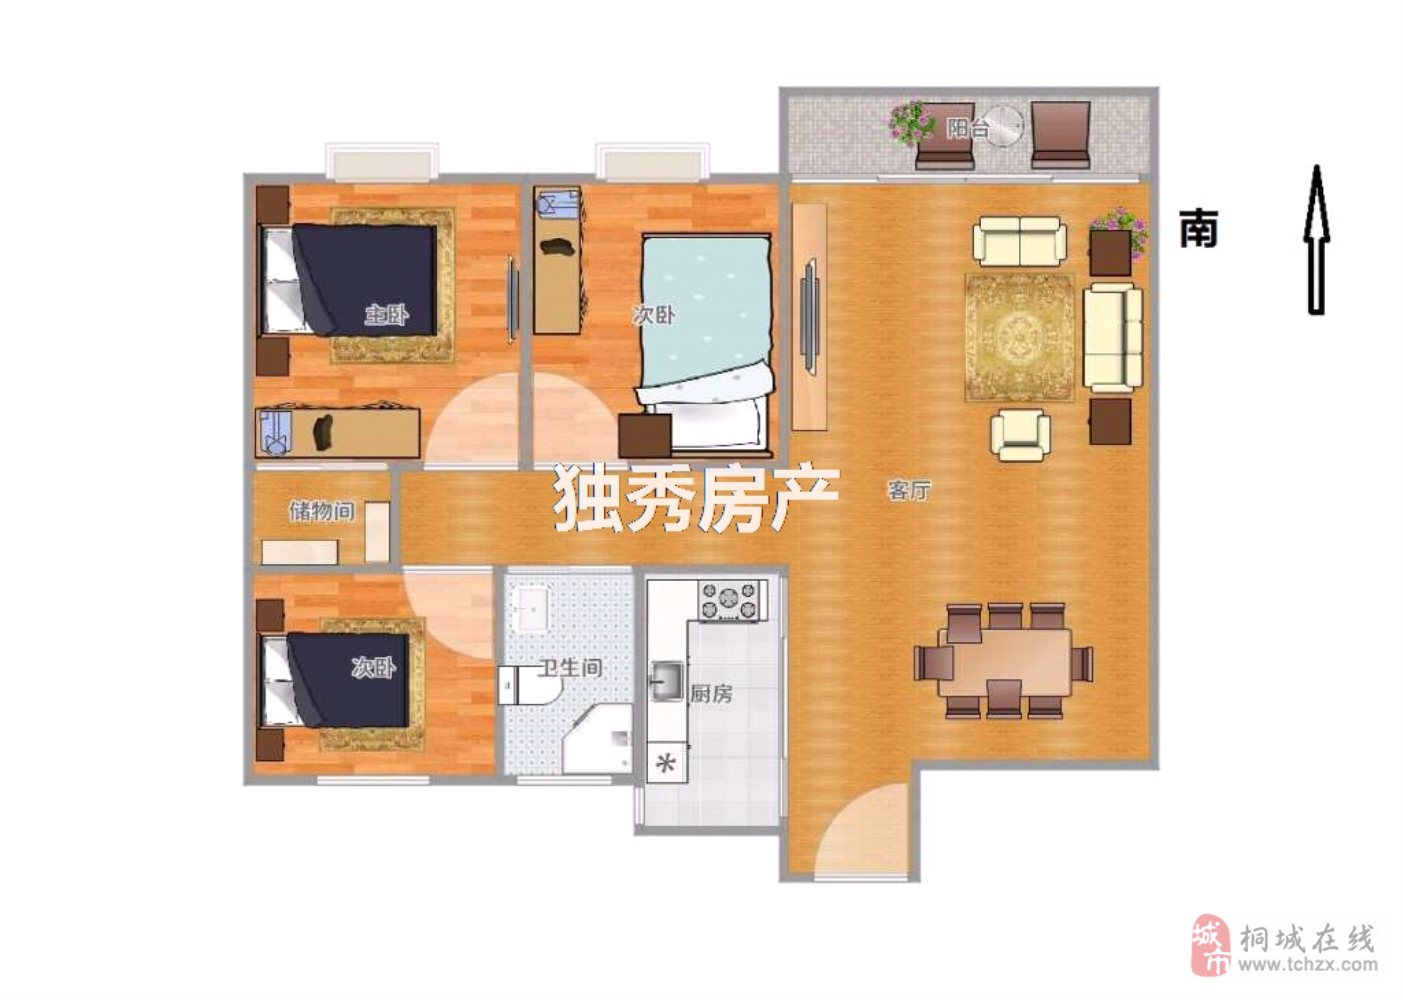 久阳花漾年华3室2厅1卫价格低户型好采光